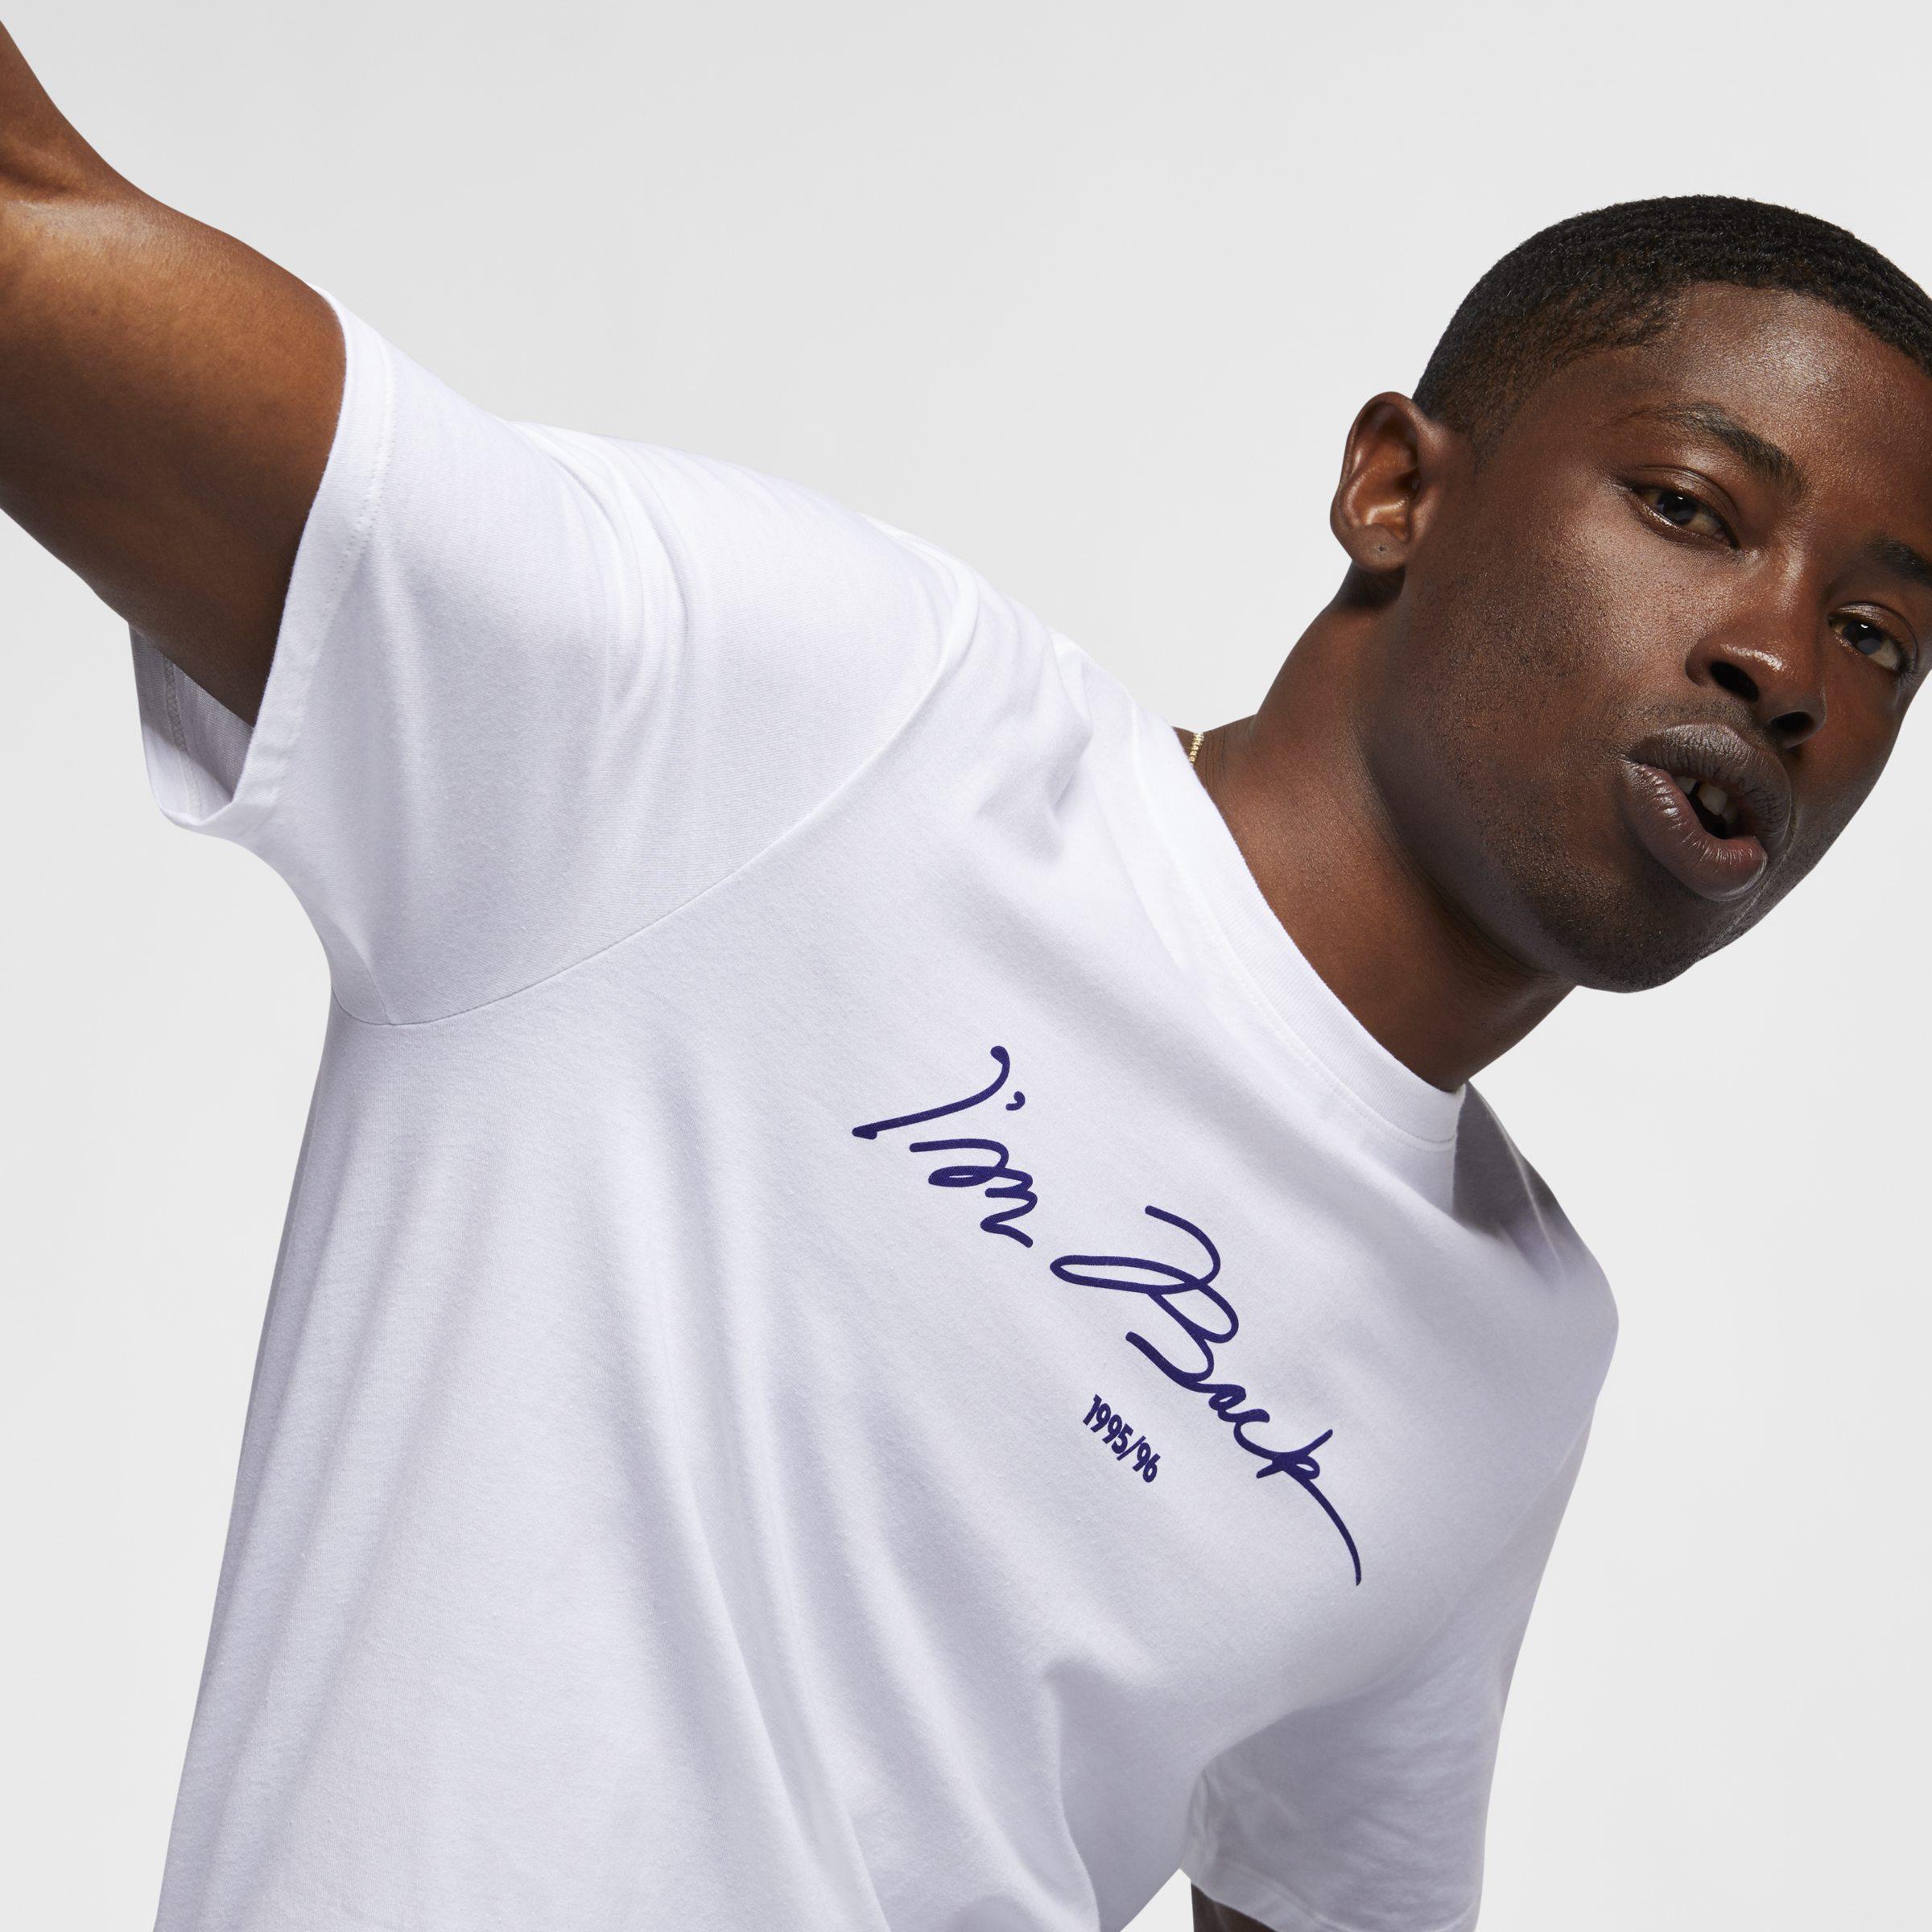 dff24514943484 Nike Jordan Sportswear Legacy Aj 11 T-shirt in White for Men - Lyst